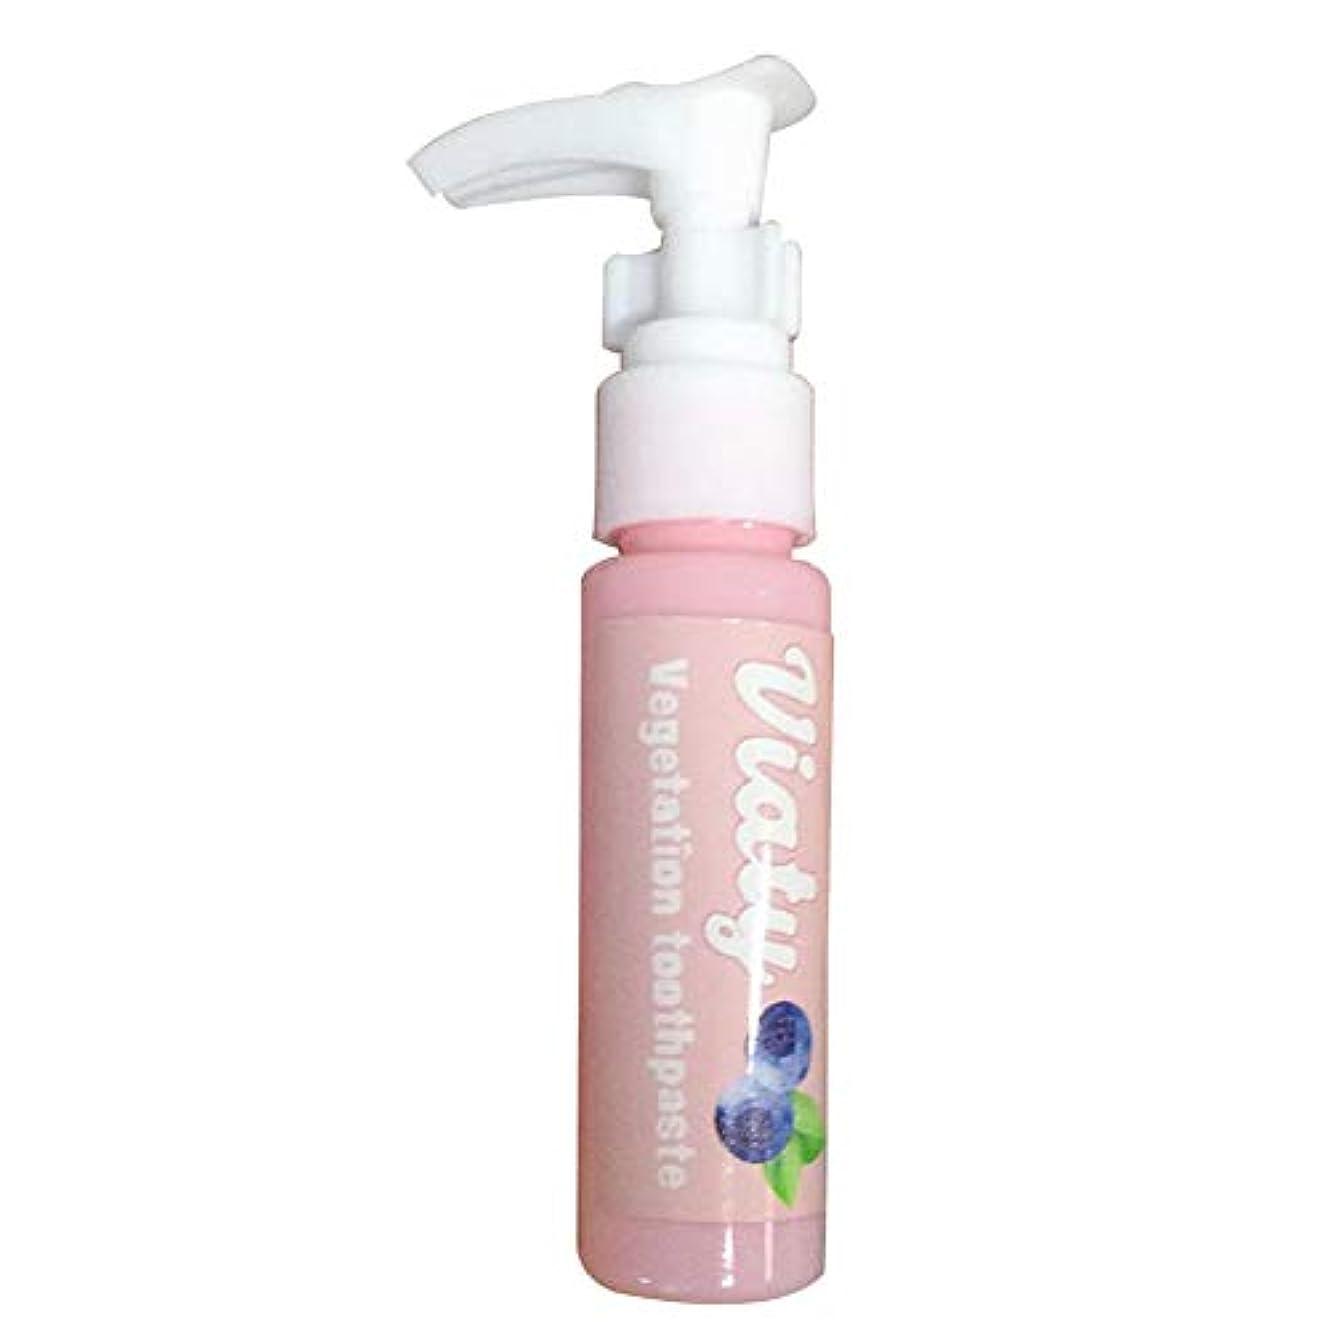 前提デッドロック人気のJanusSaja歯磨き粉を押す旅行ベーキングソーダを白くする装置のフルーティーなベーキングソーダ歯磨き粉